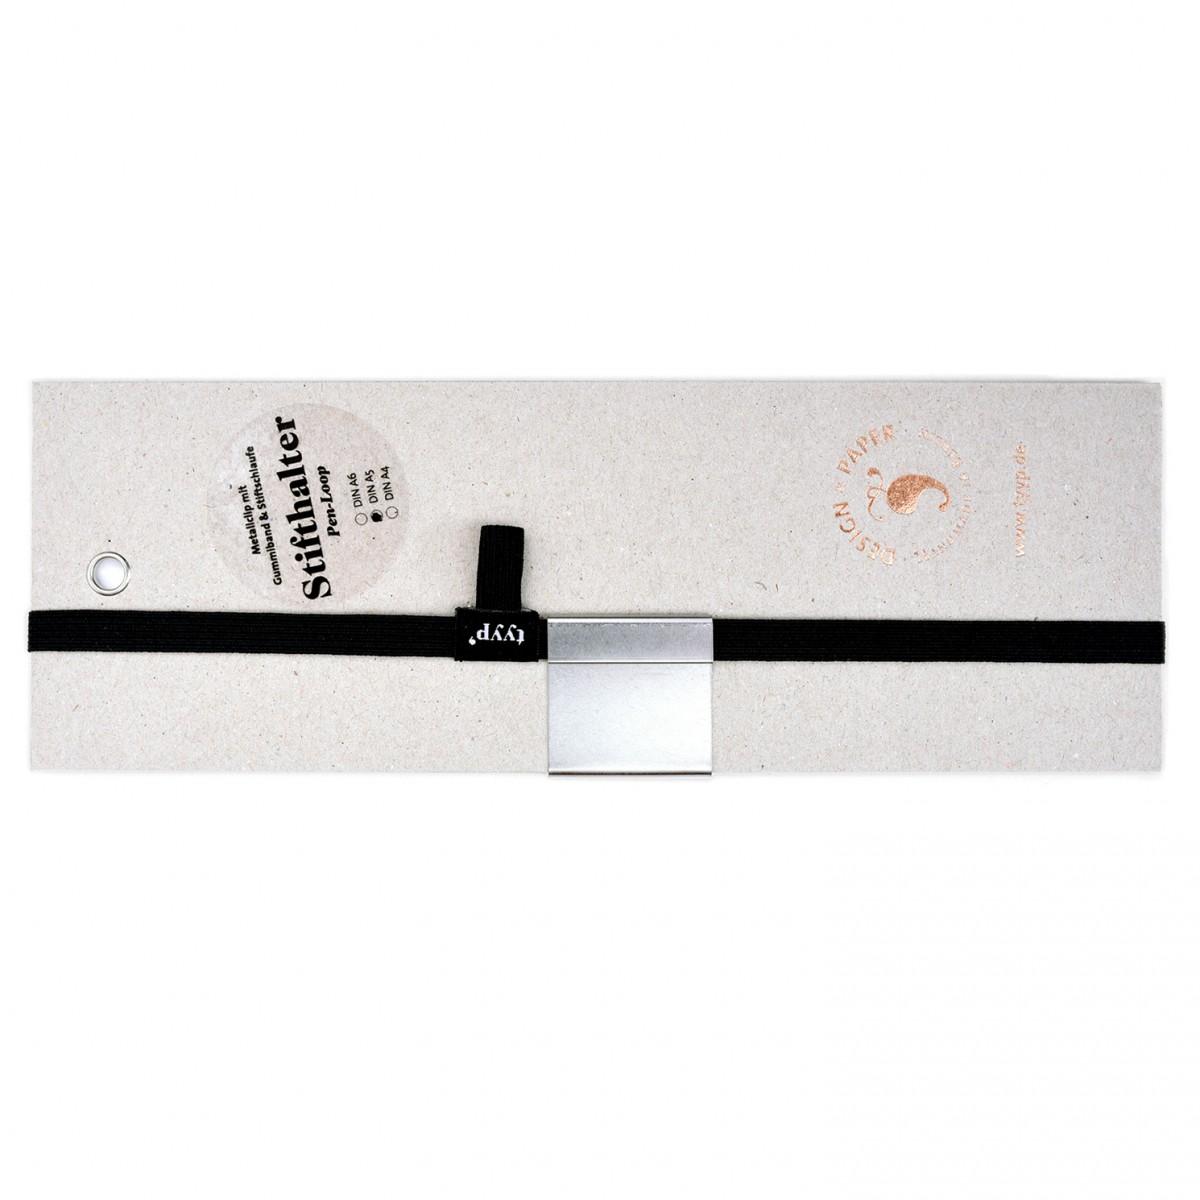 tyyp Stifthalter & Gummiband für DIN A4, A5 und A6 (Pen loop)